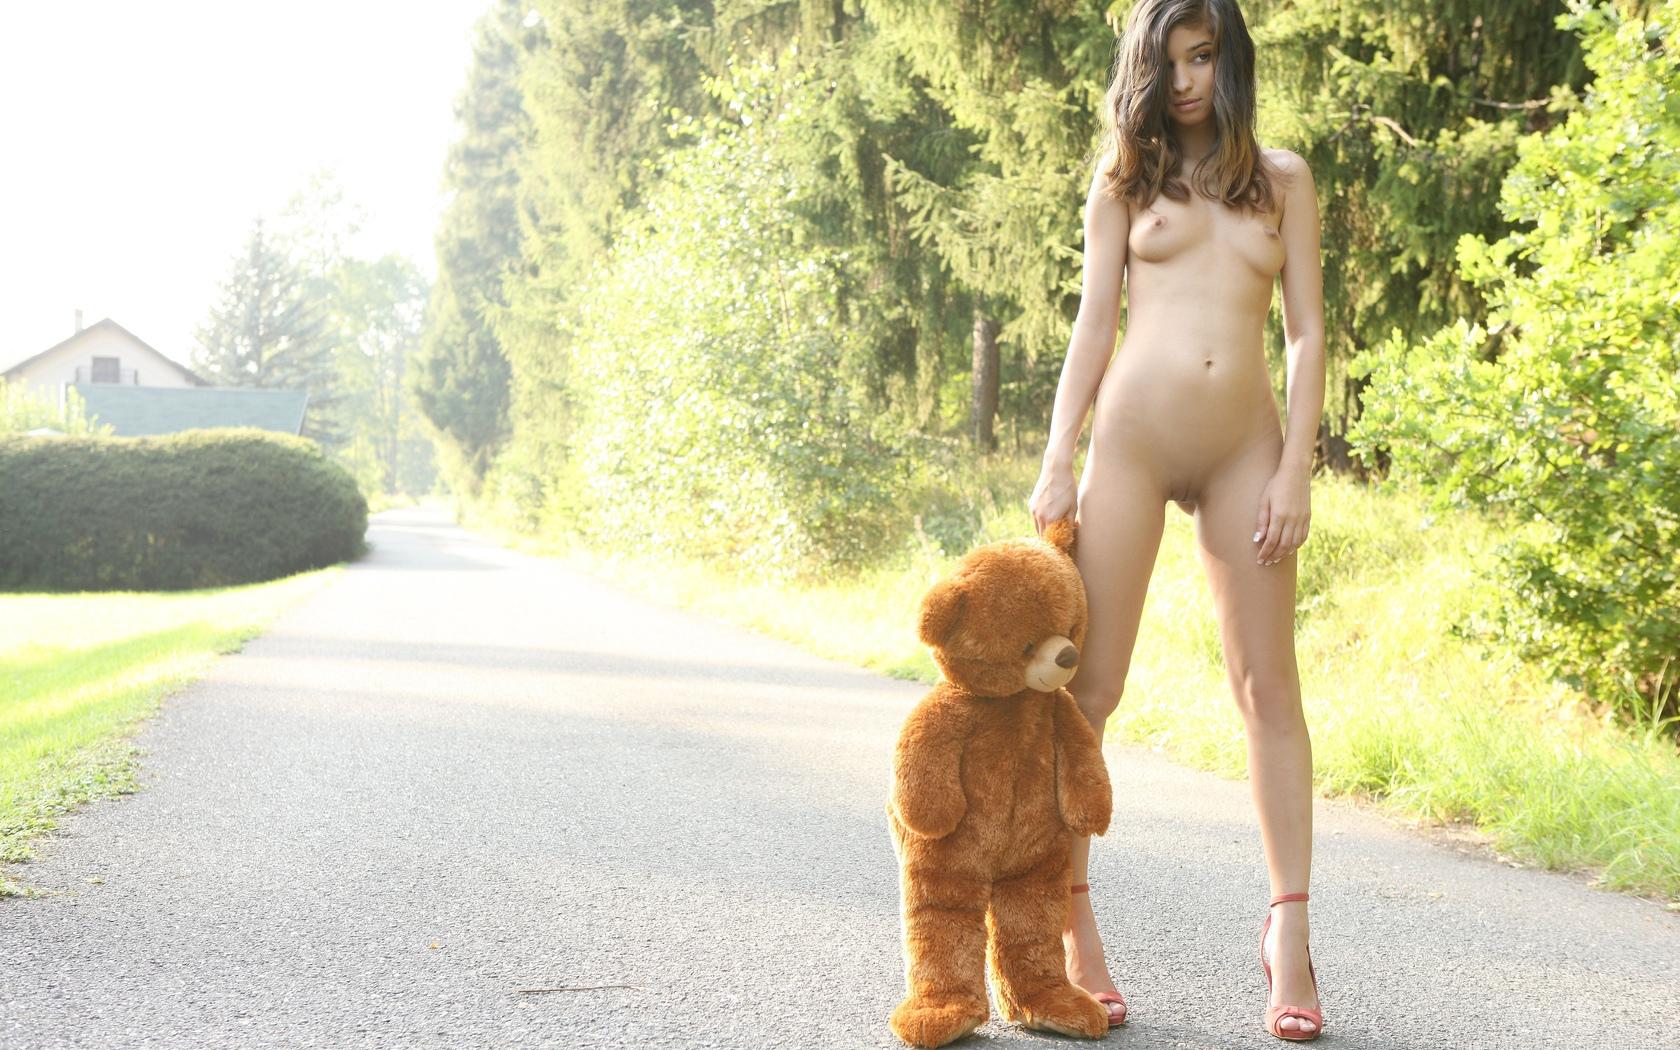 медведь, модель, 4, брюнетка, natalia lobo, бритая киска, киска, сиськи, грудь, длинные ноги, девушки